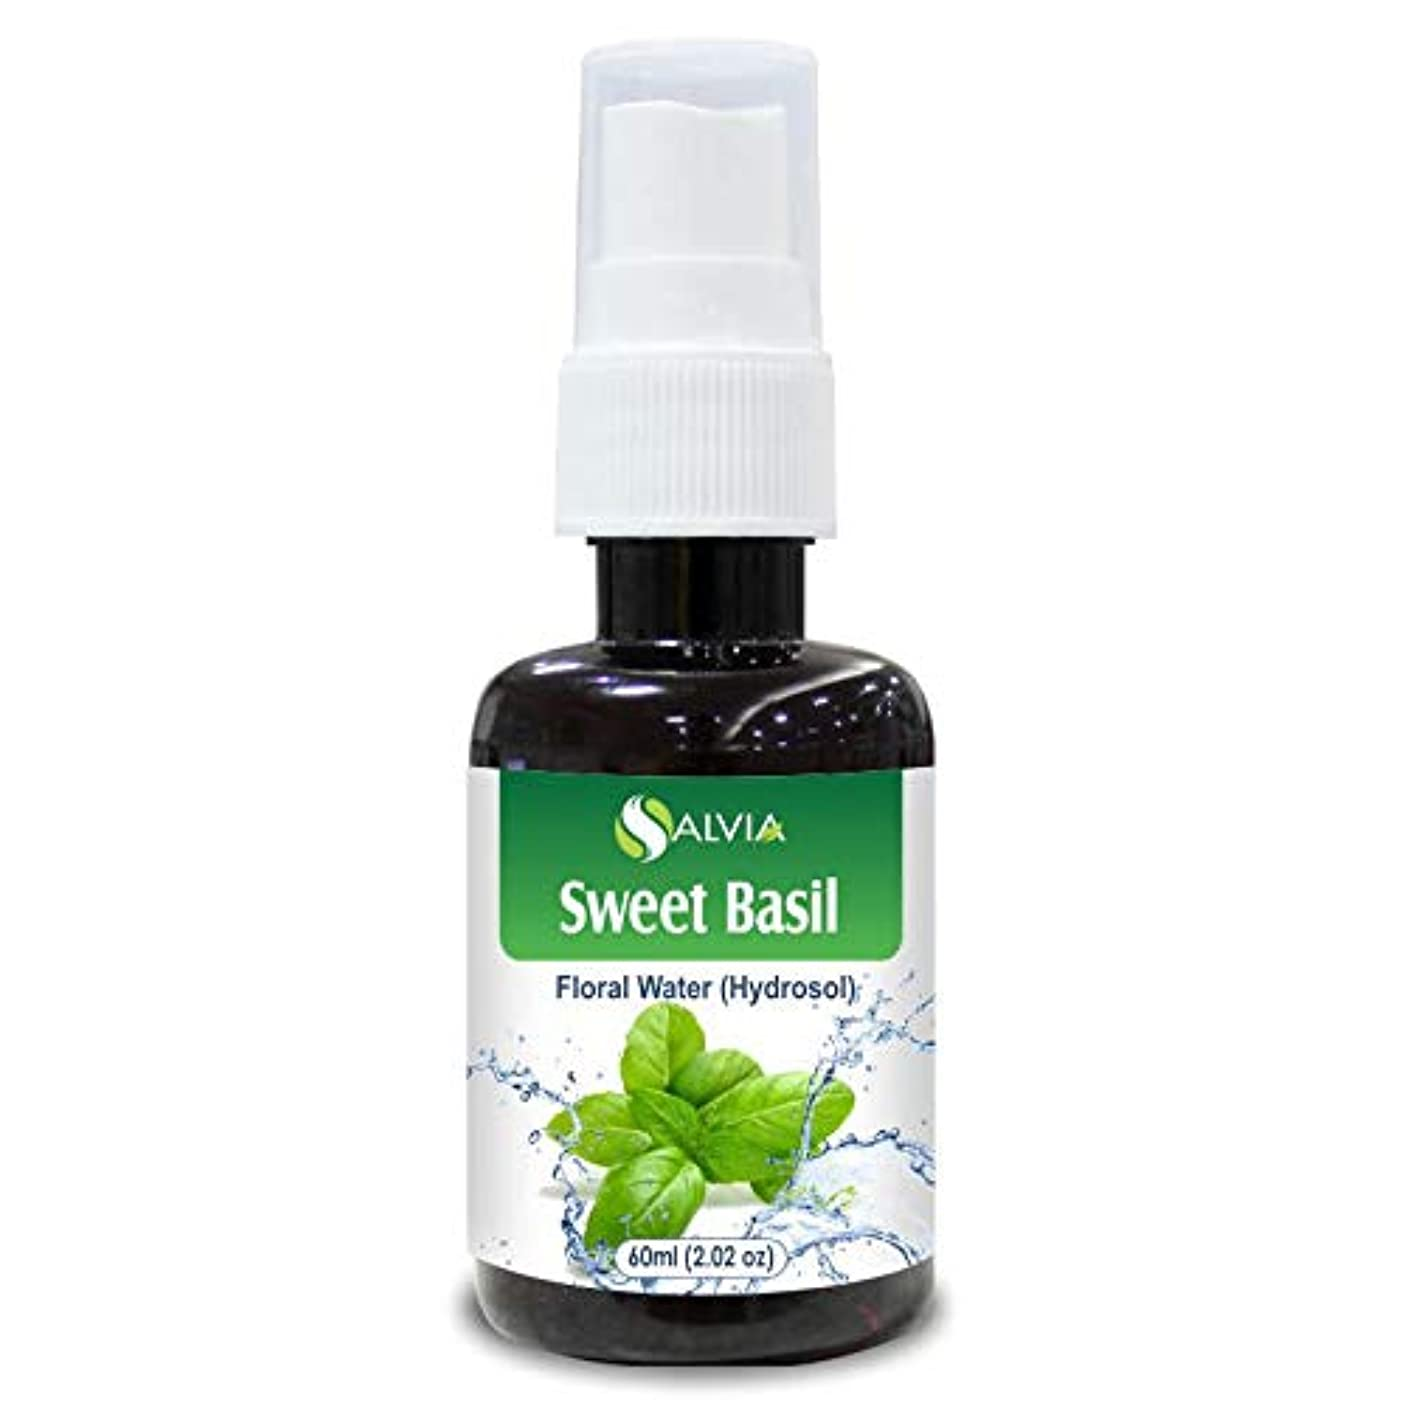 アクセスできない面動くSweet Basil Floral Water 60ml (Hydrosol) 100% Pure And Natural